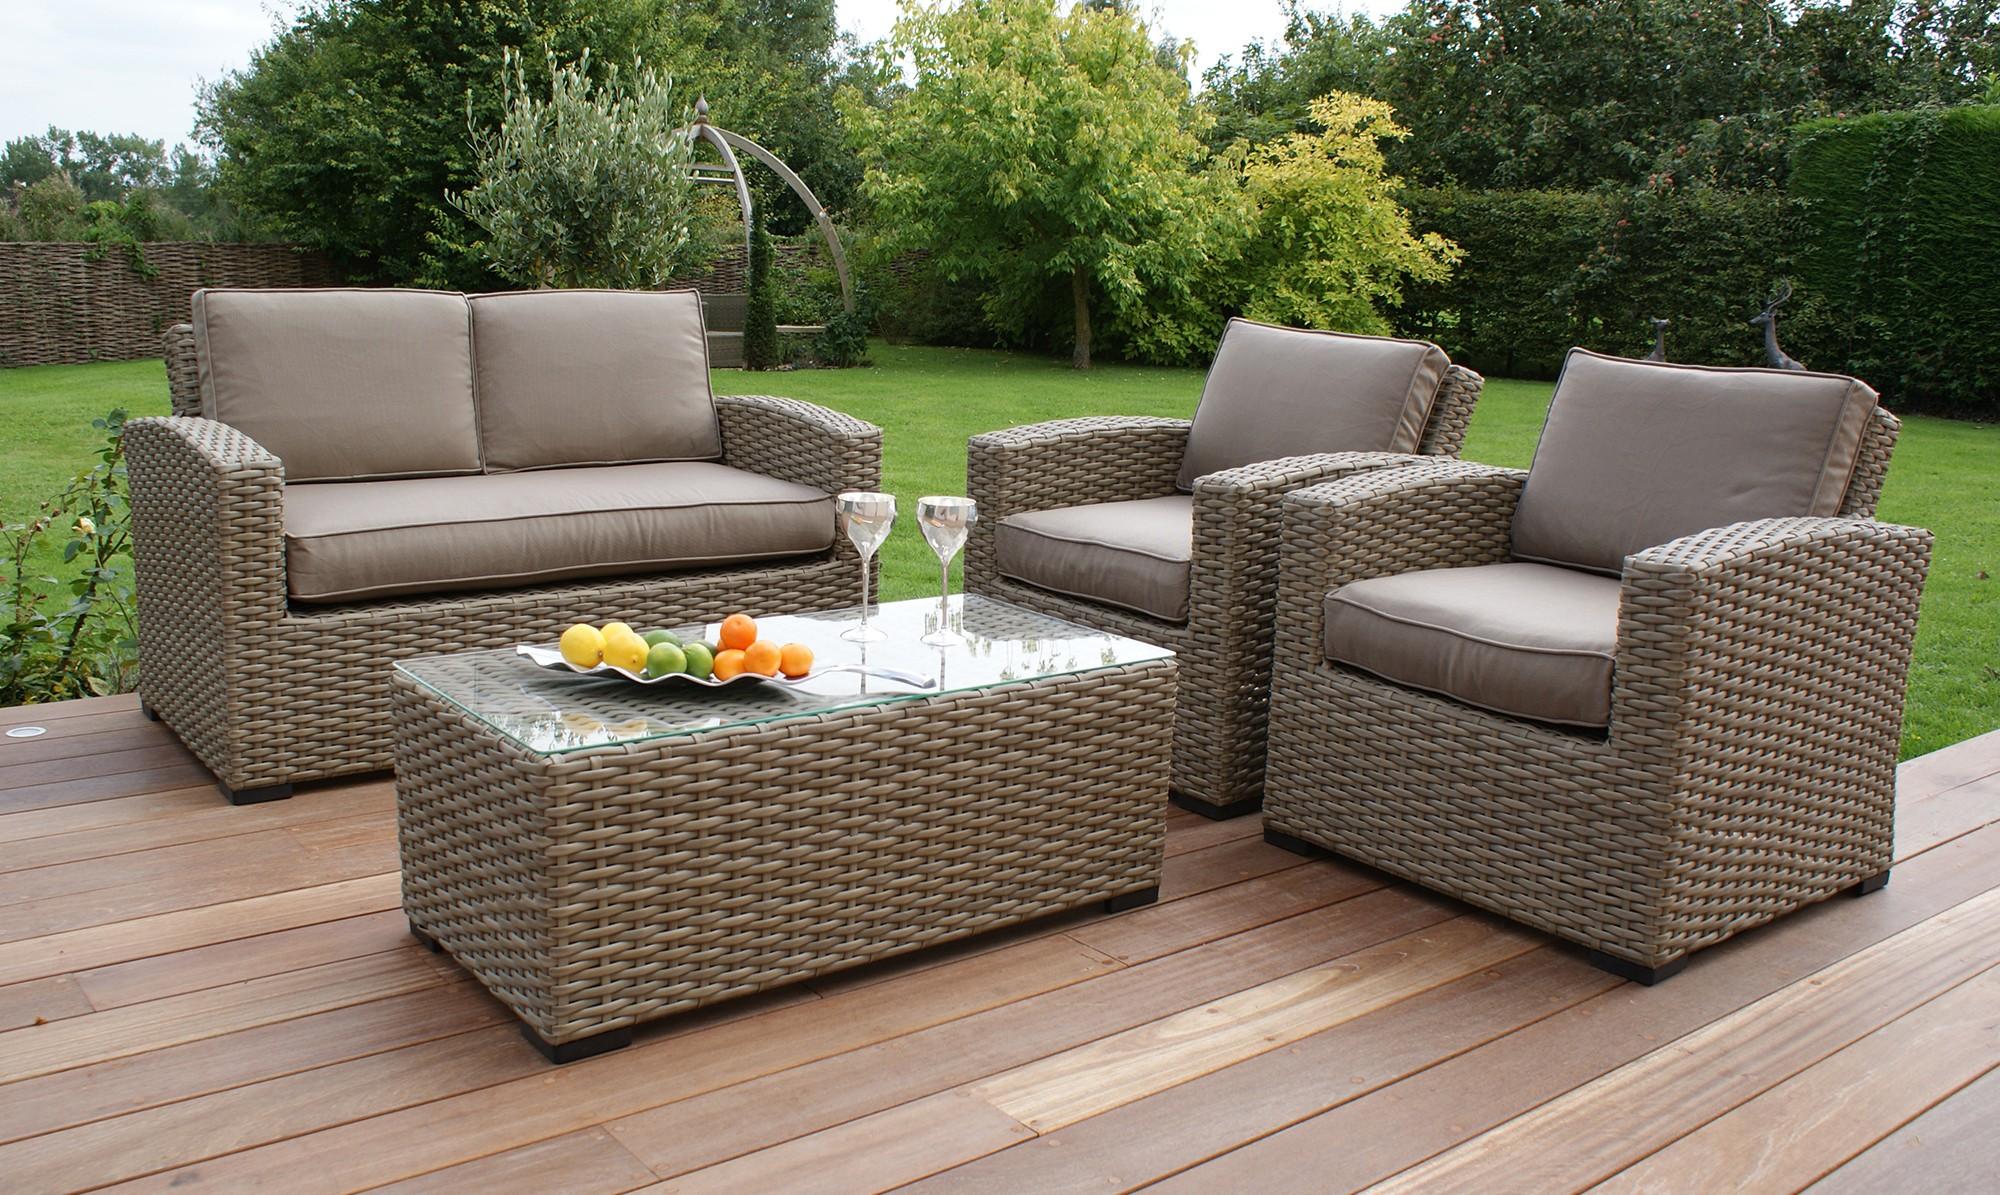 Rattan garden sofa sets  14